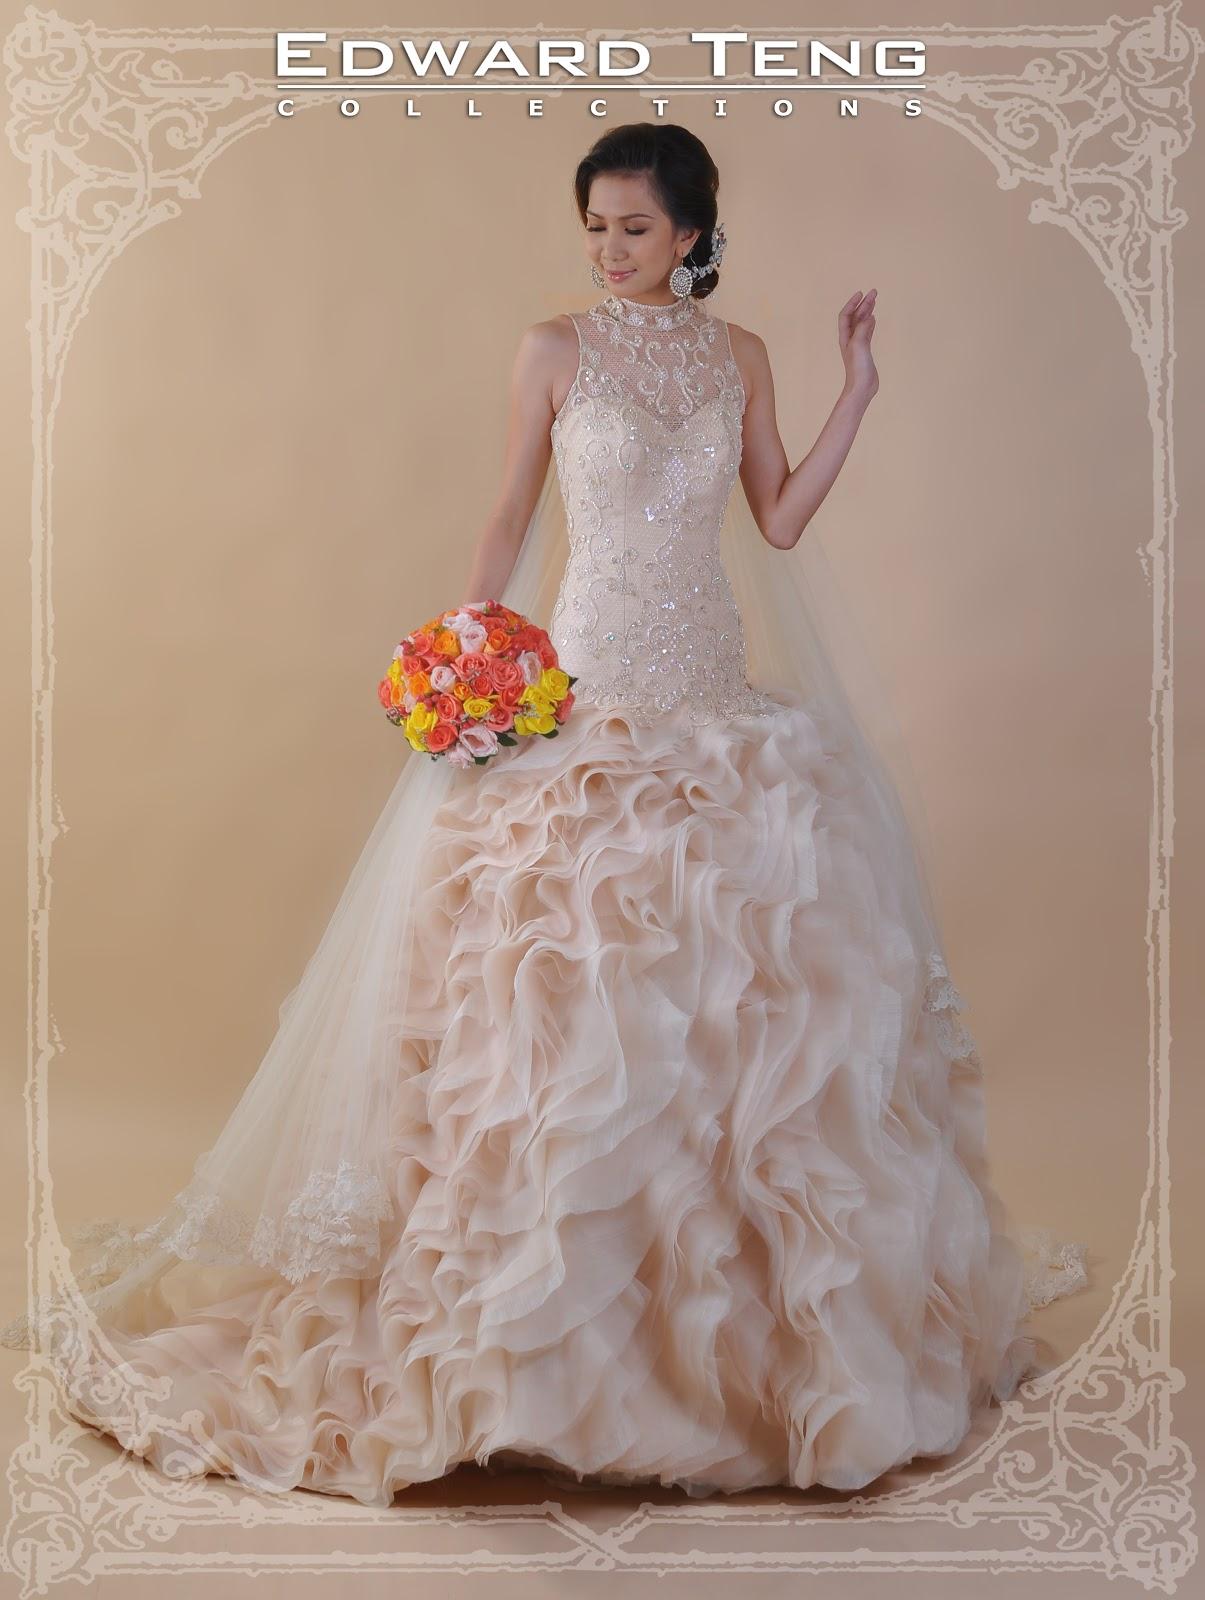 Edward Teng Gowns